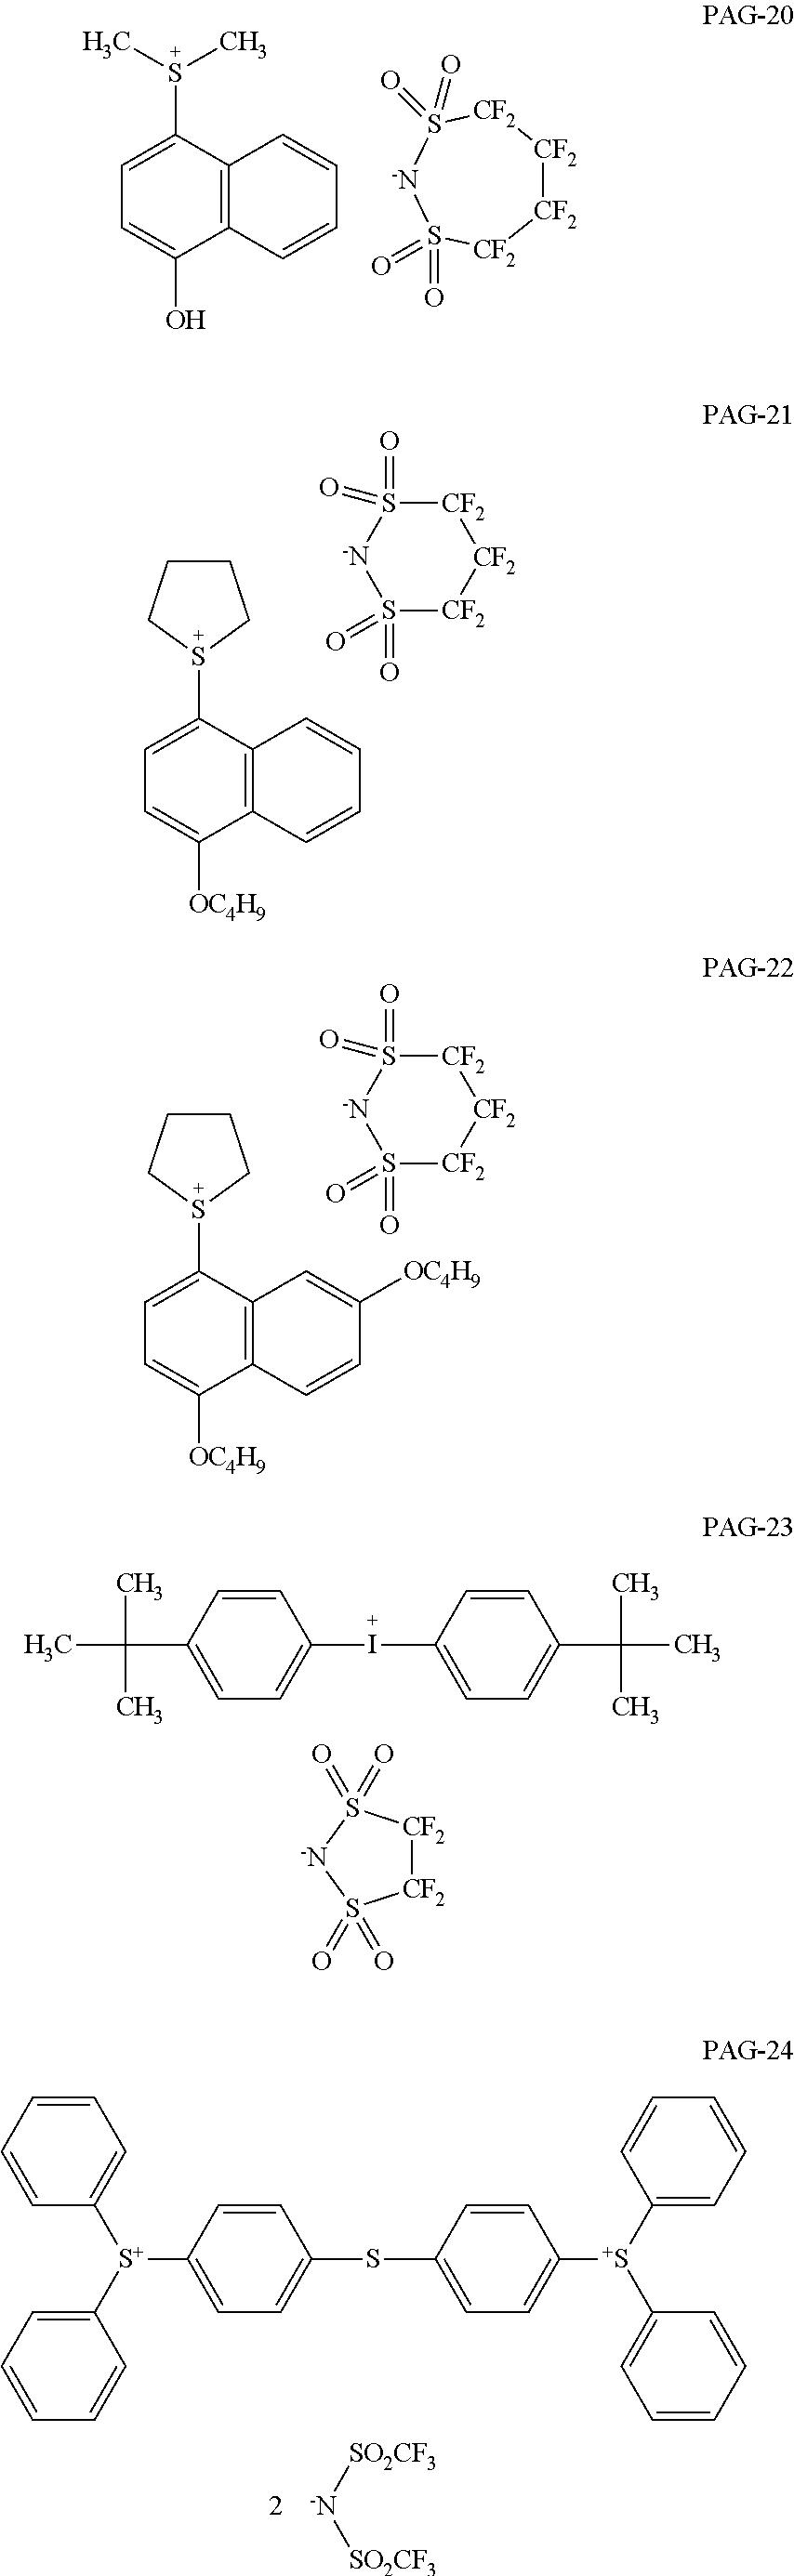 Figure US20150219993A1-20150806-C00027